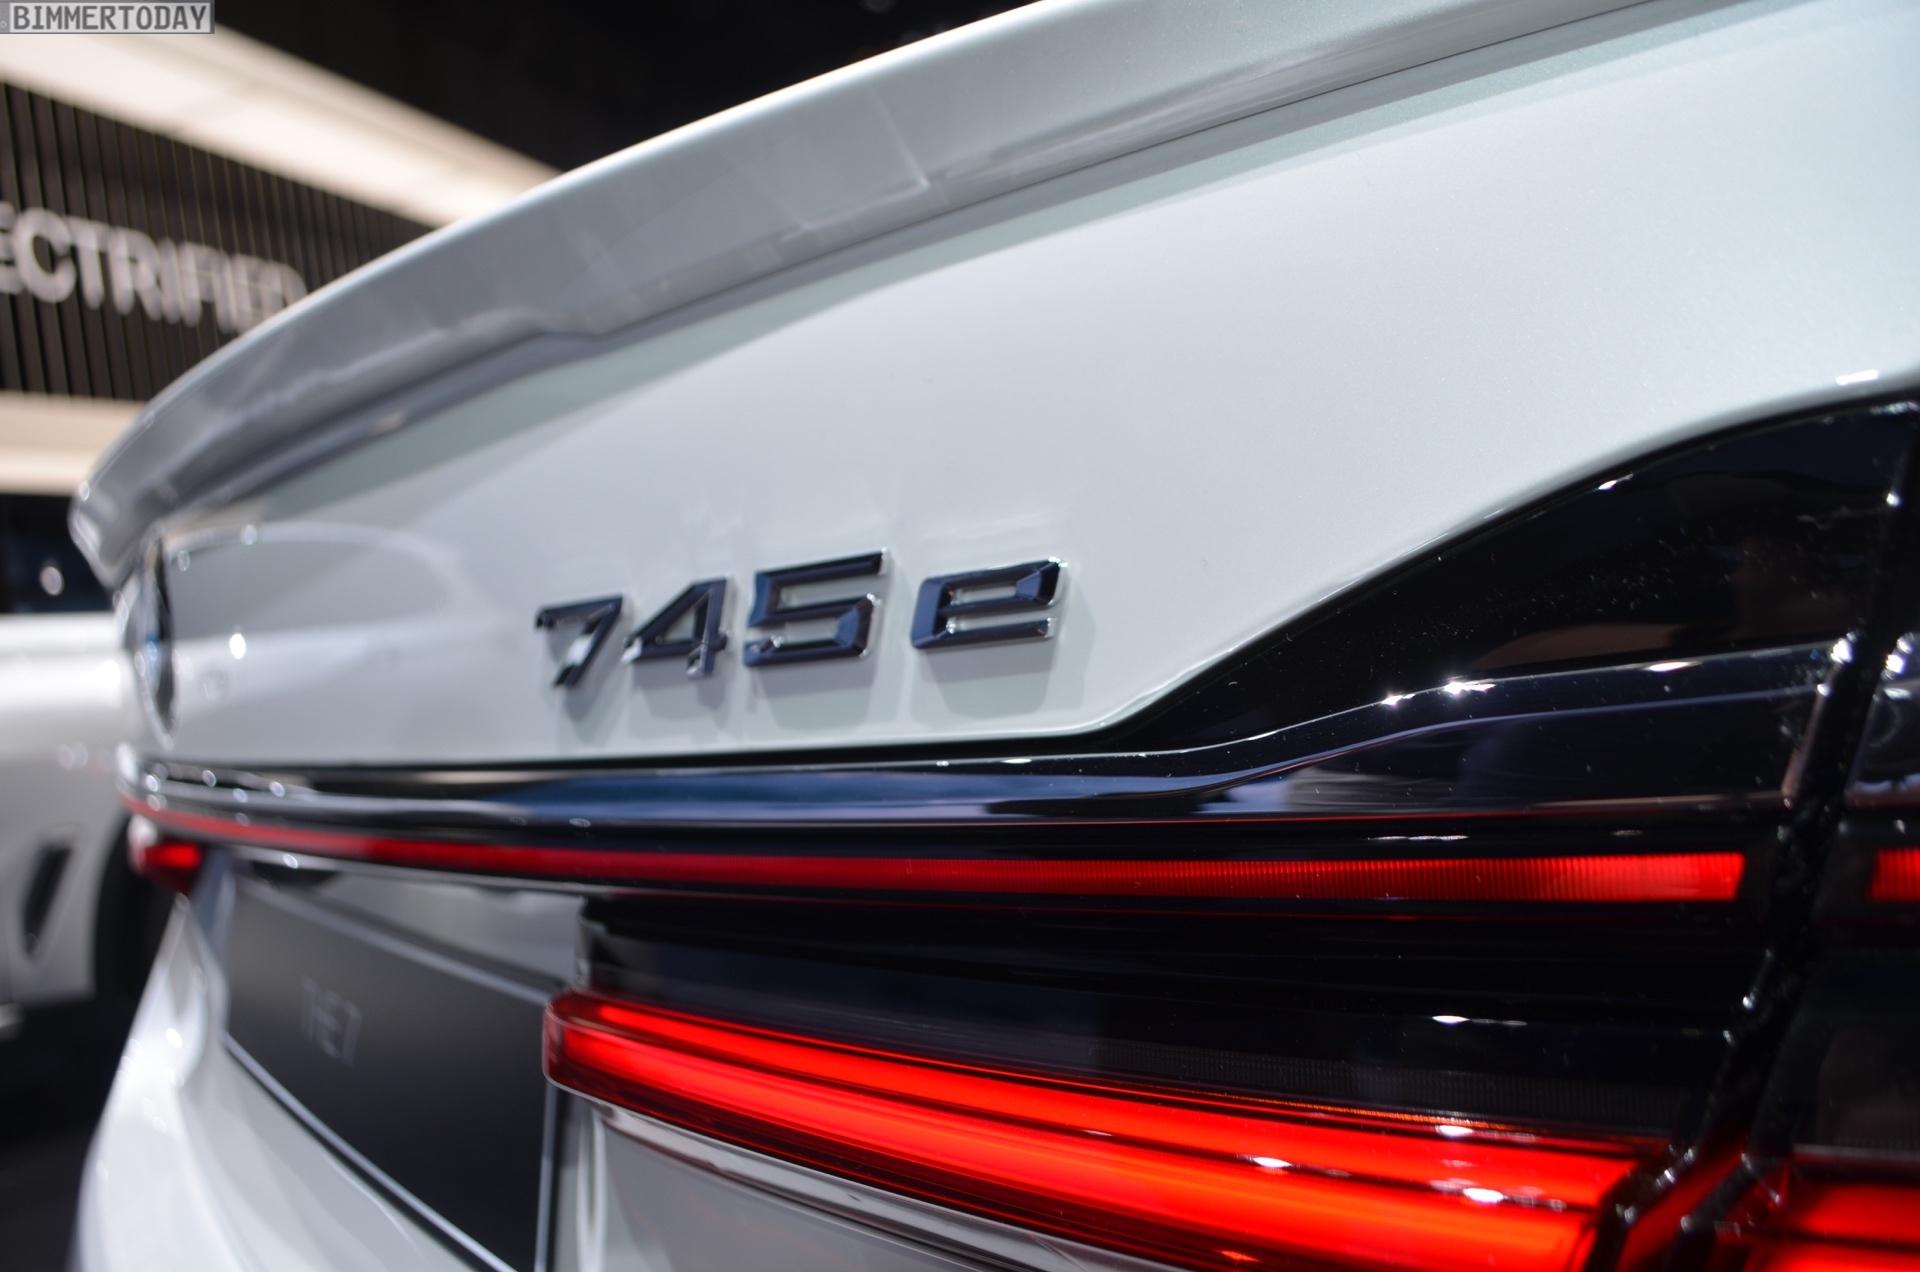 Genf 2019 BMW 7er Facelift G11 LCI 745e M Sportpaket Live 11